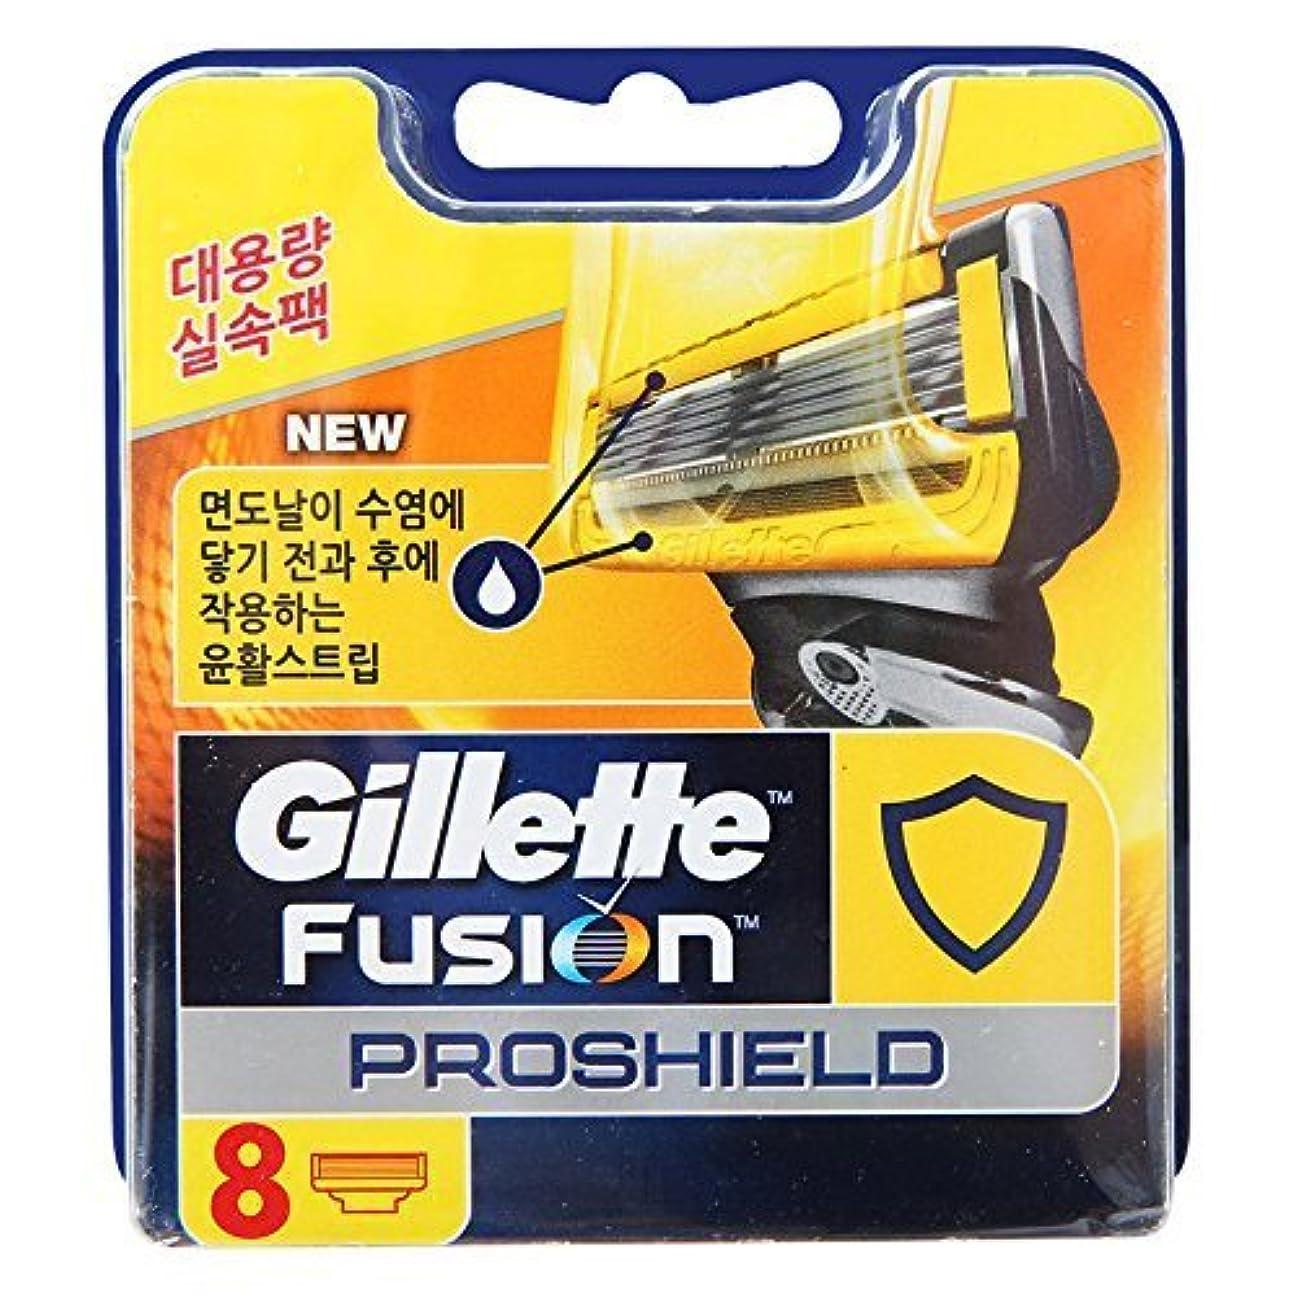 計算可能スイッチ悔い改めGillette Fusion Proshield Yellow Men's Razor Blade 8 Pack / ドイツ製 [並行輸入品]